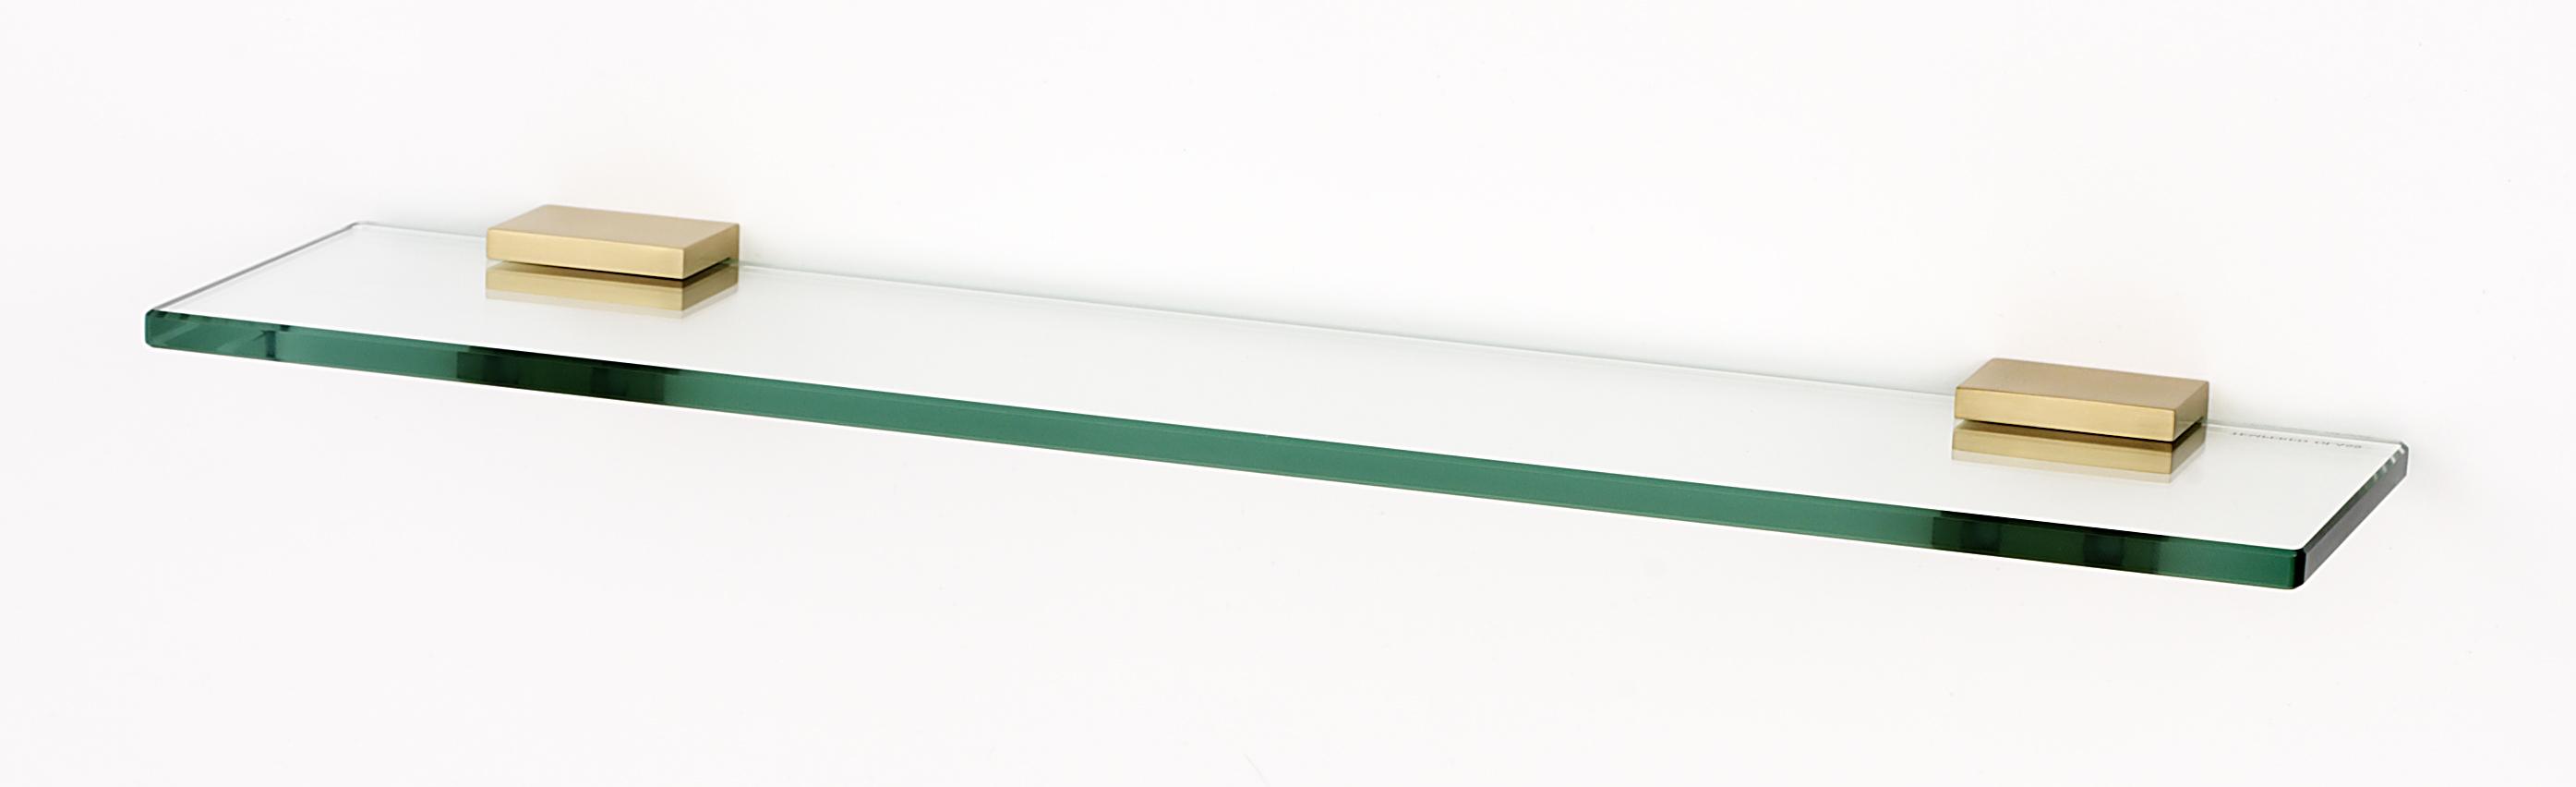 Contemporary II Glass Shelf A8455-18 – \